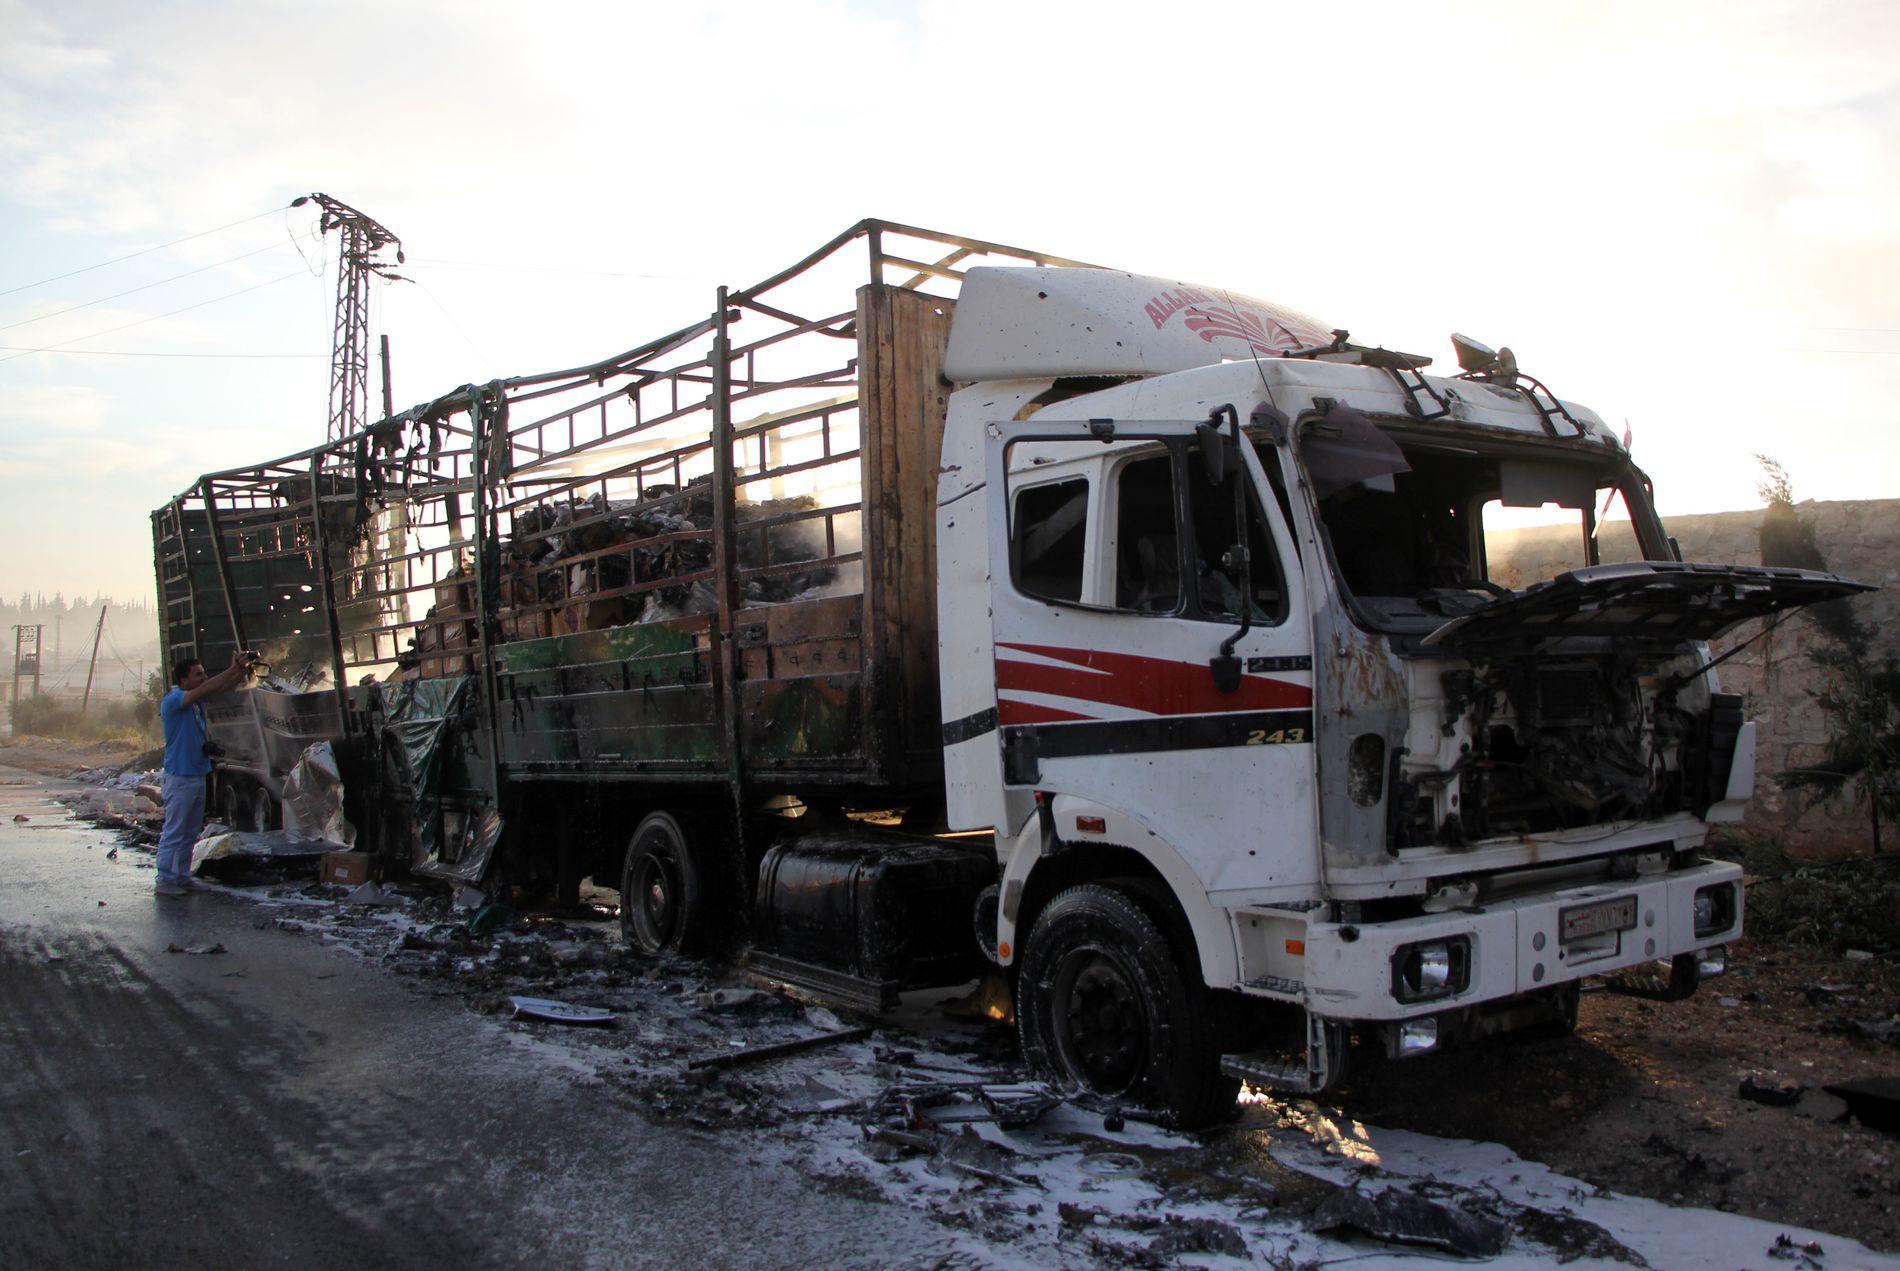 KOM ALDRI FREM: En ødelagt lastebil med nødhjelp fra Røde Kors/Røde halvmåne i landsbyen Orum al-Kubra vest for Aleppo. En konvoi med nødhjelp ble bombet fra luften mandag kveld.